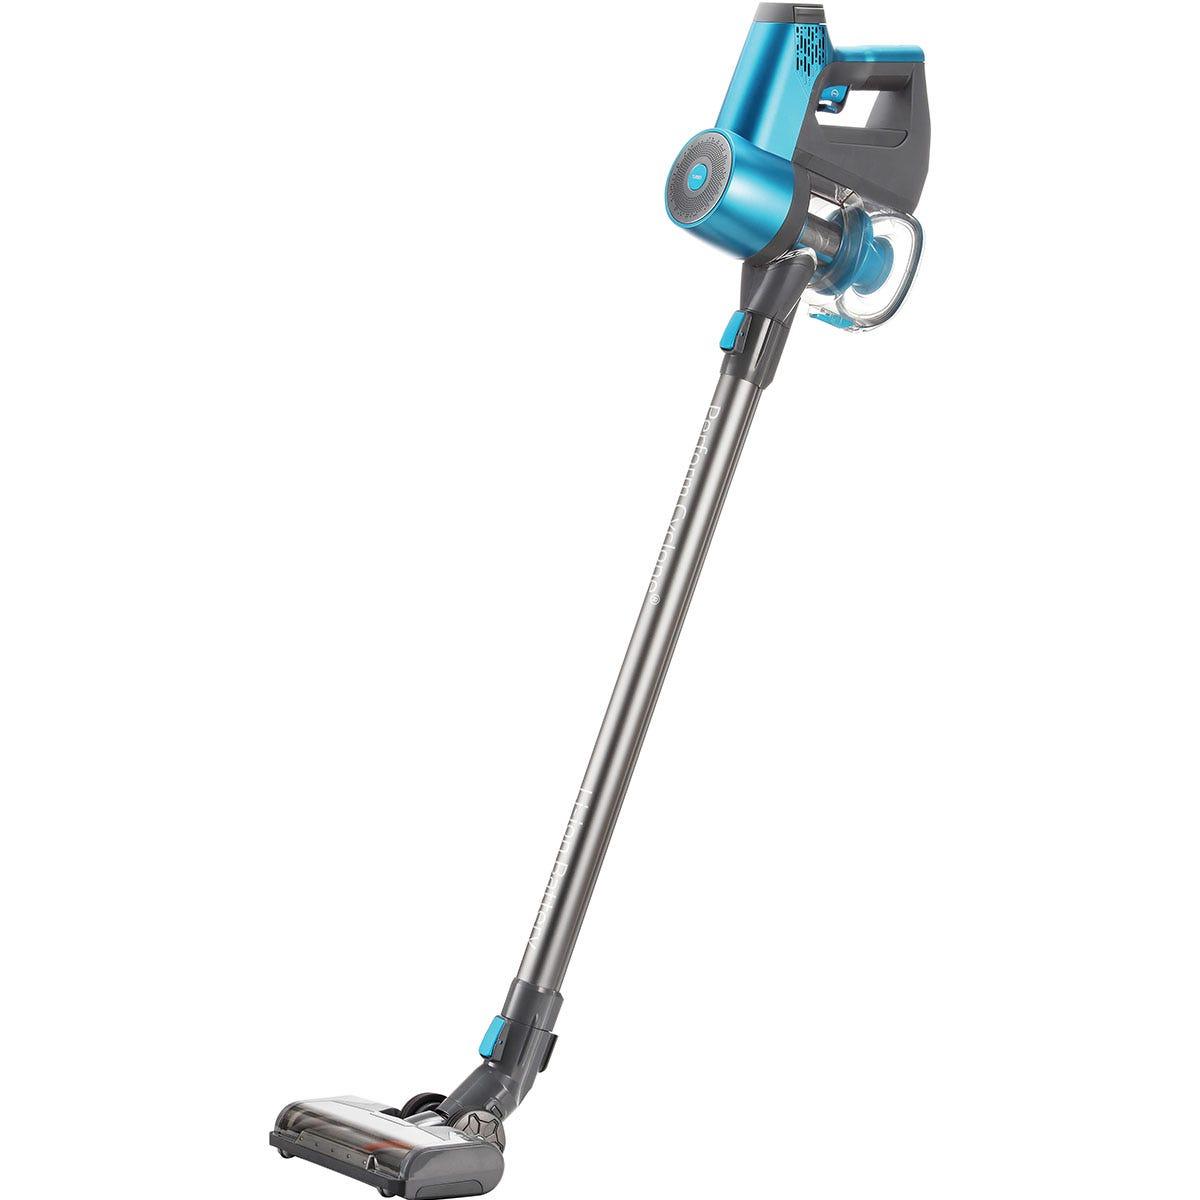 Image of Beko VRT82821DV 2-in-1 Power Stick Cordless Vacuum Cleaner - Blue